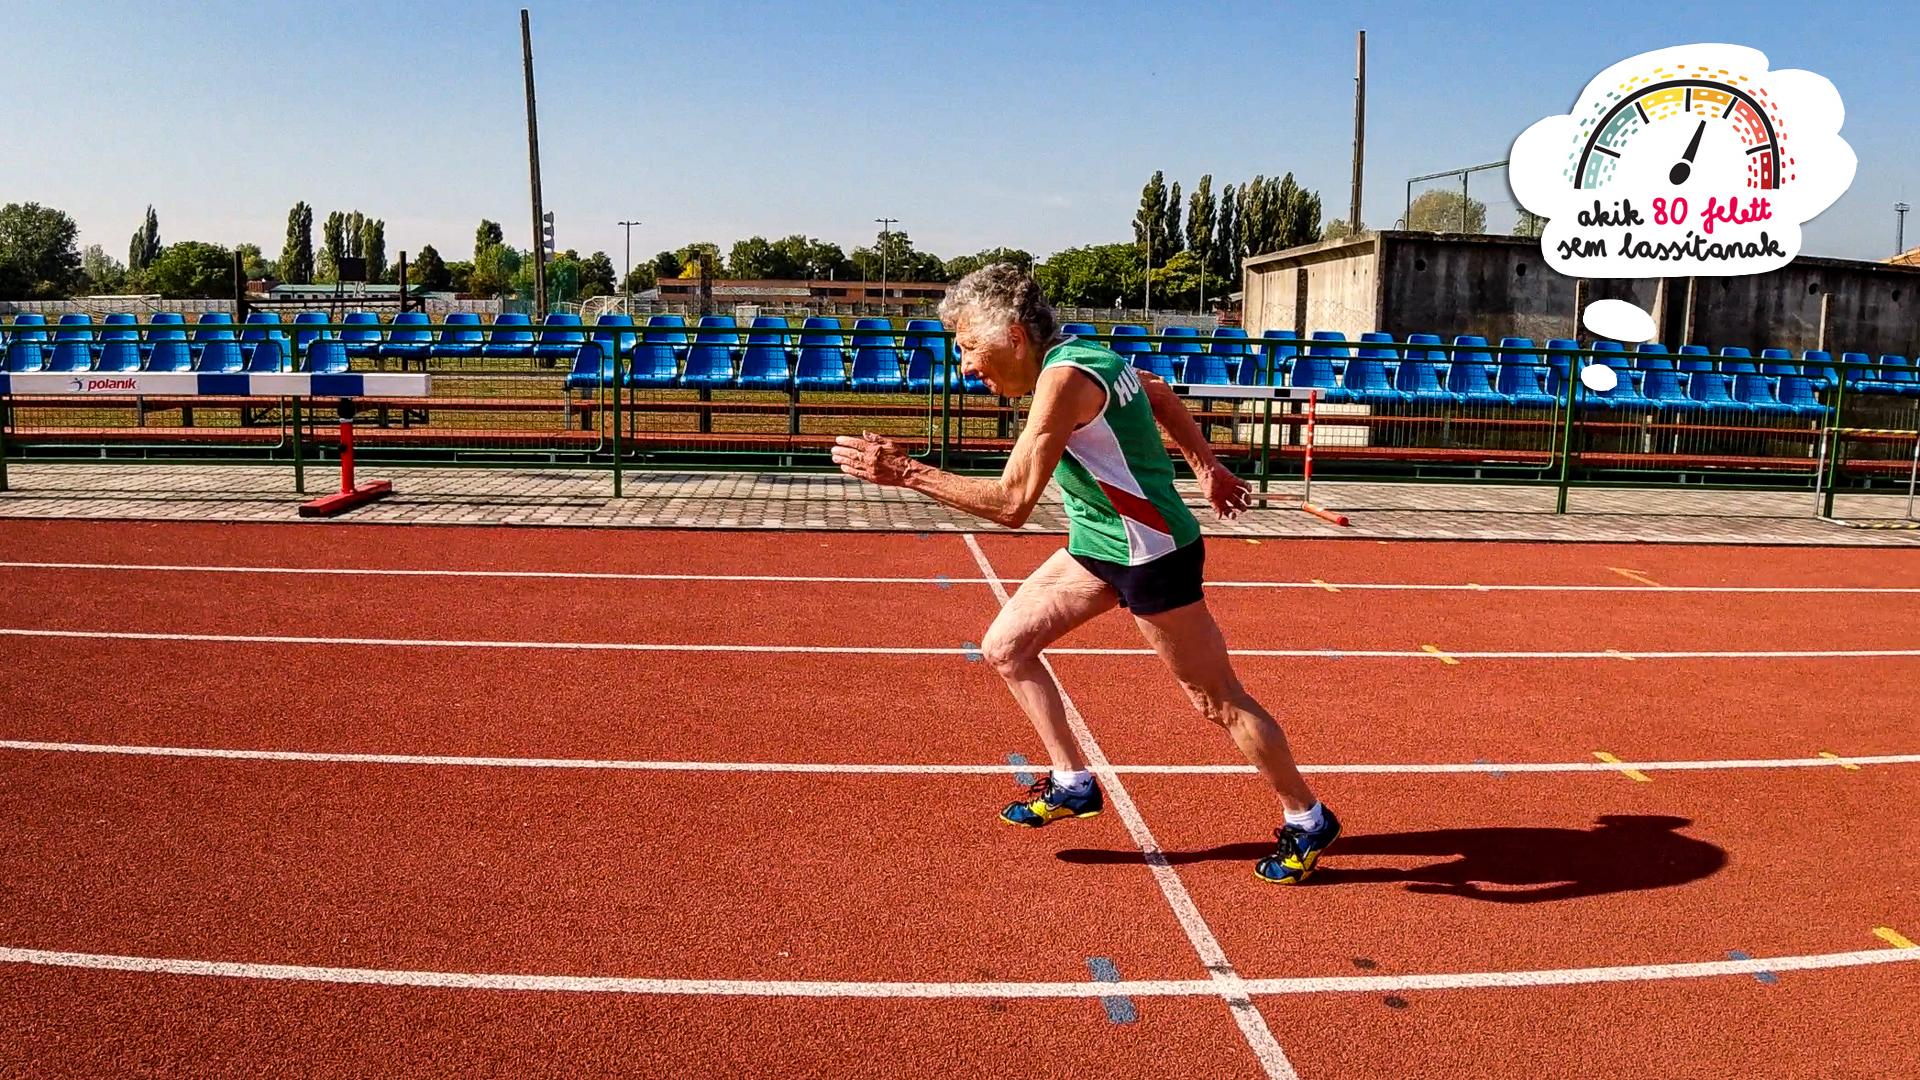 86 éves sprinter néni